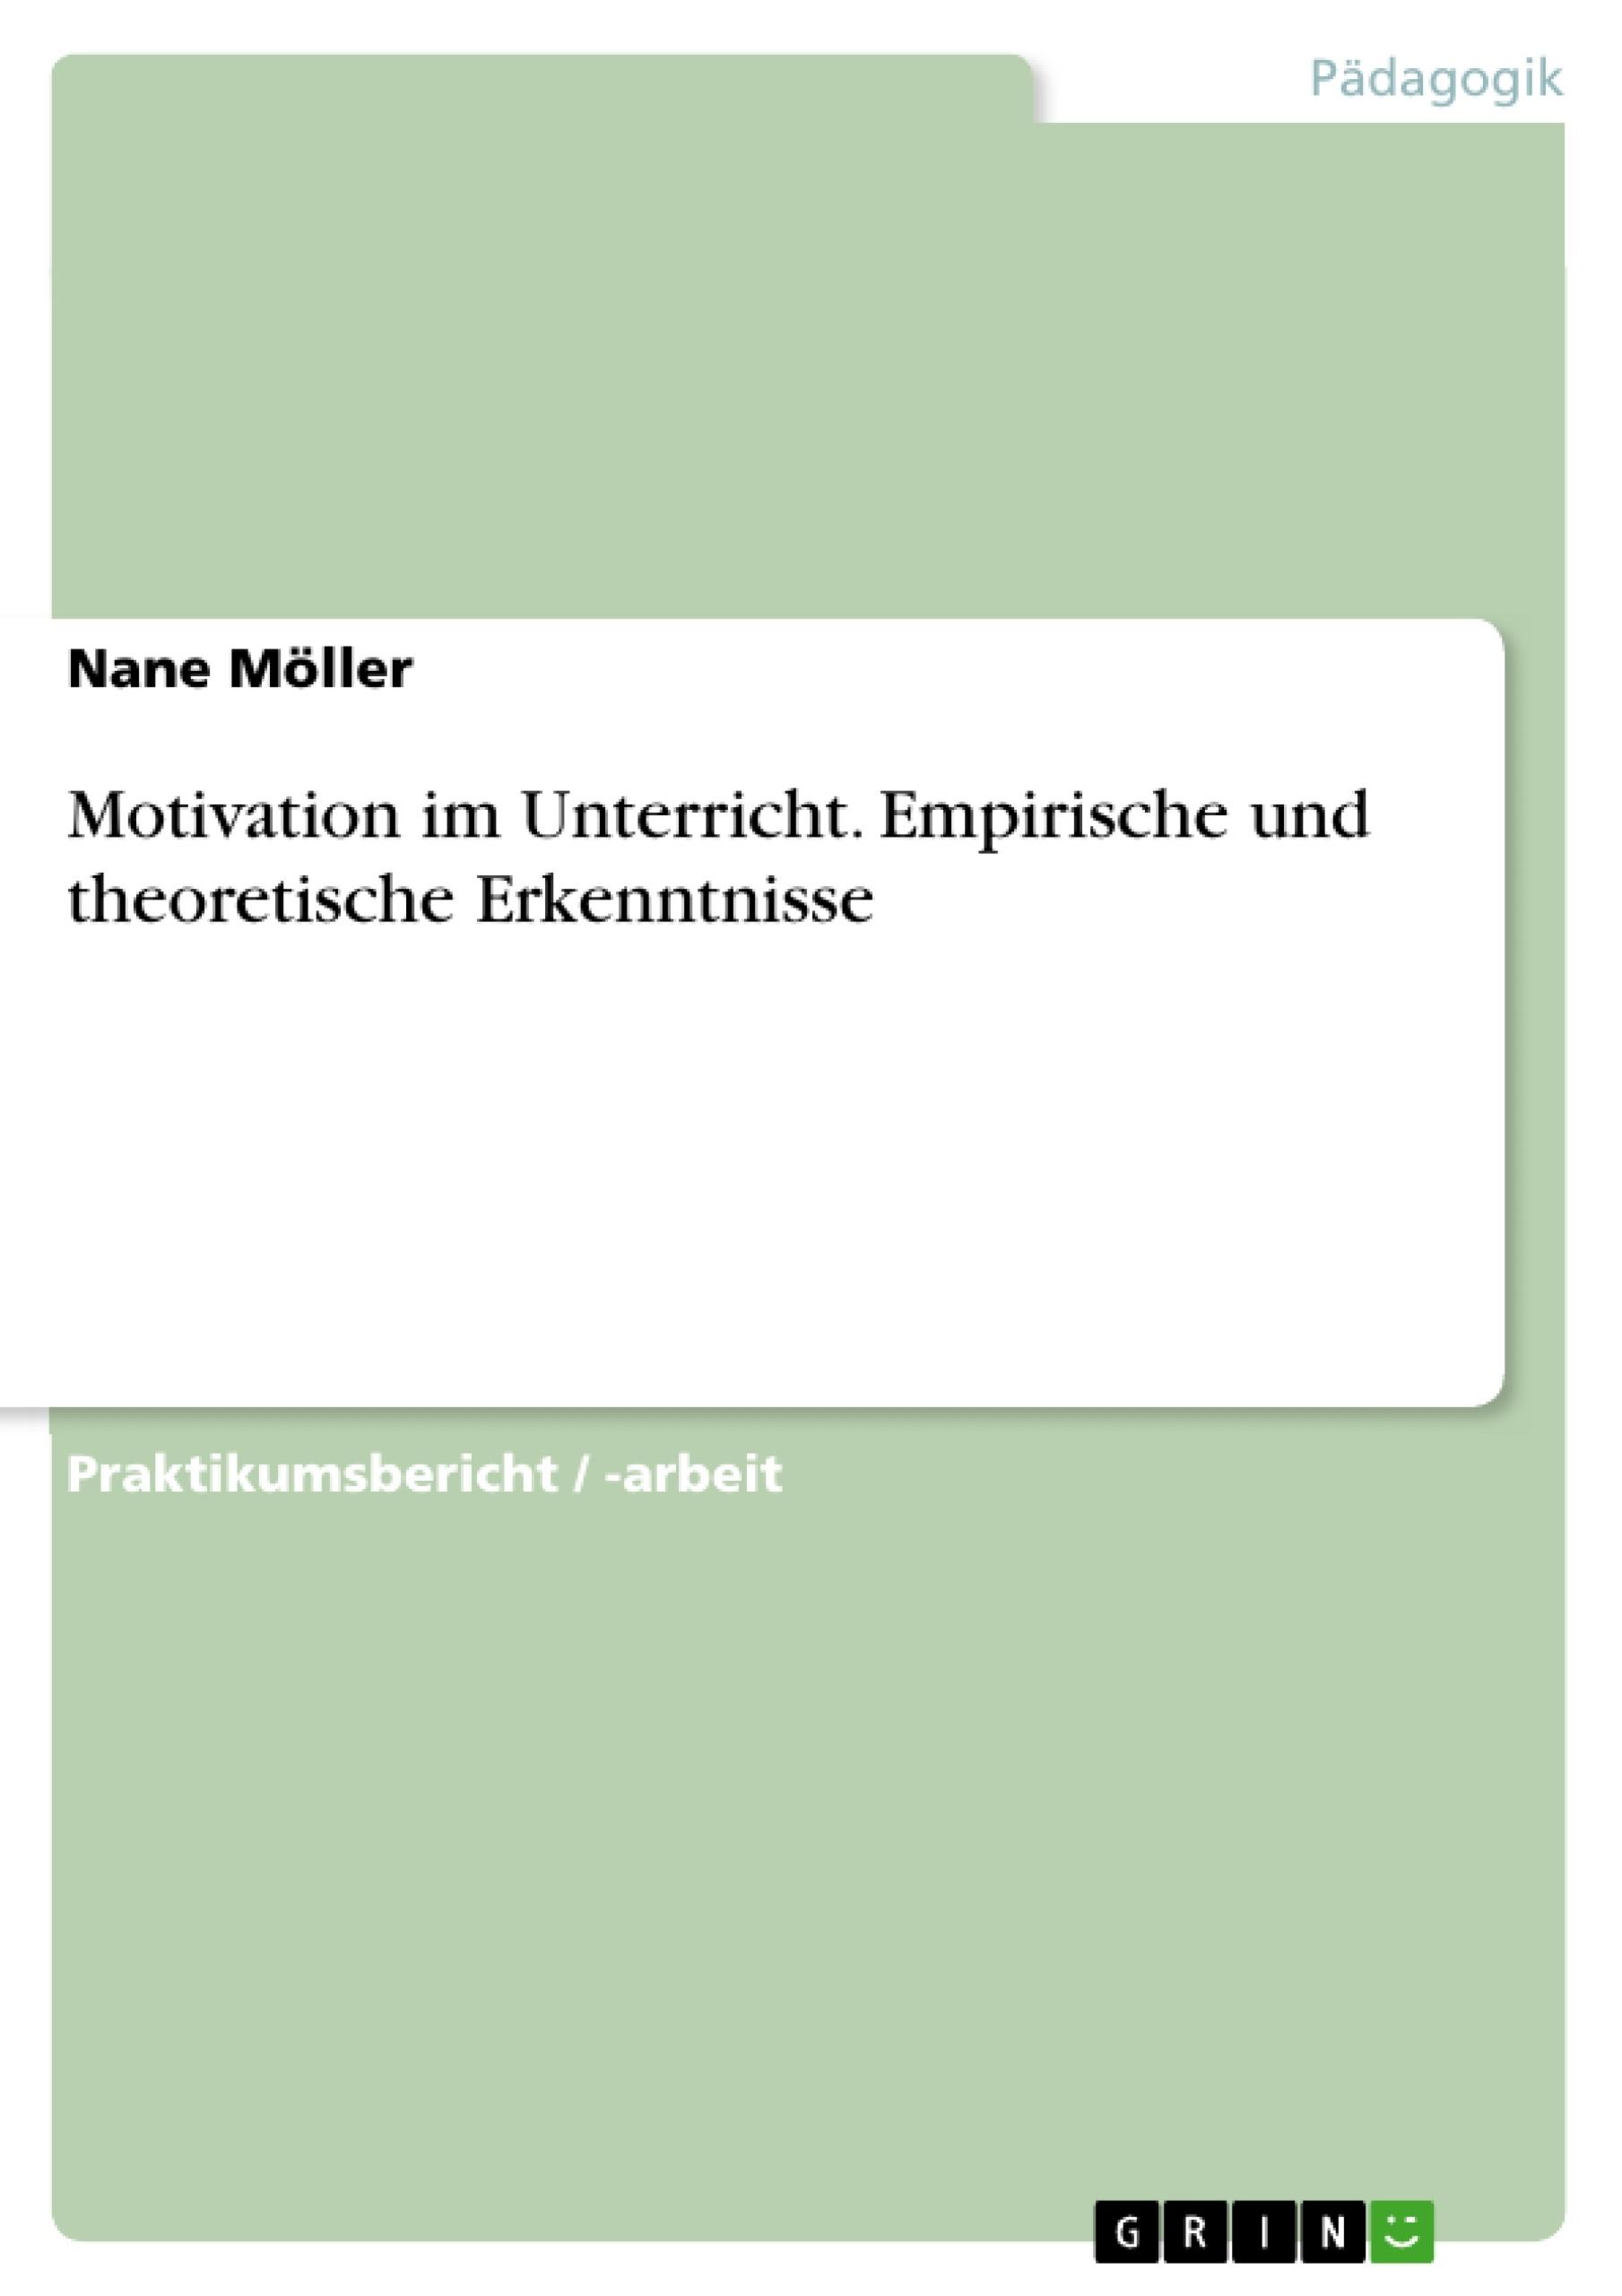 Titel: Motivation im Unterricht. Empirische und theoretische Erkenntnisse